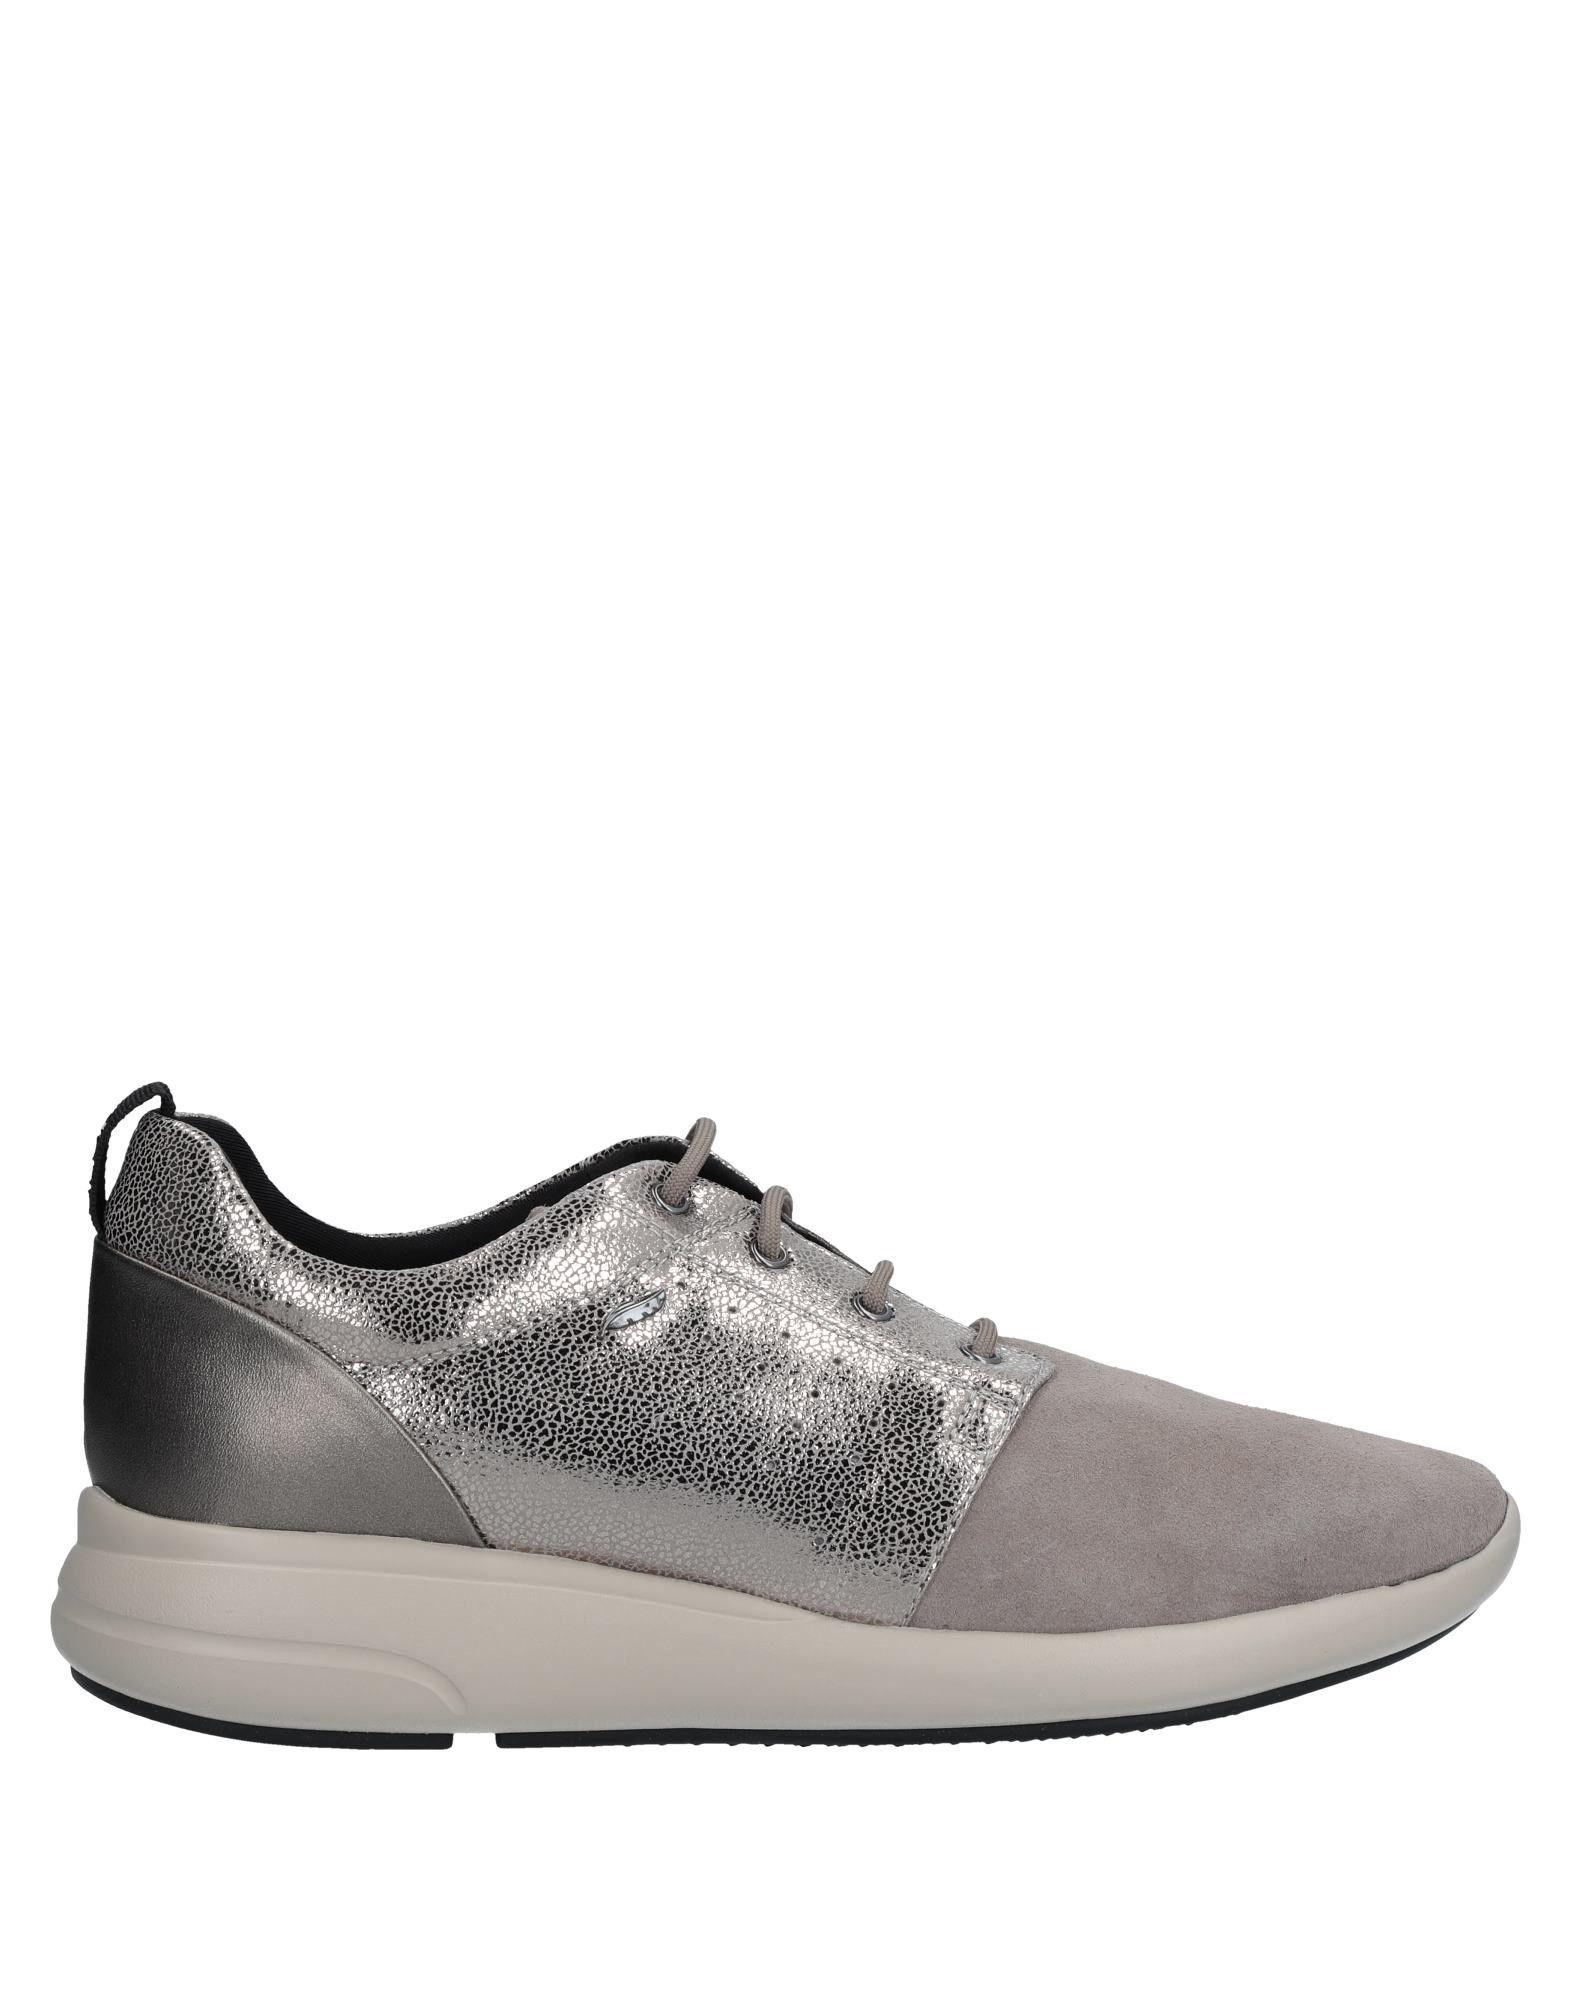 A buon mercato Sneakers Geox Donna - 11540538EL